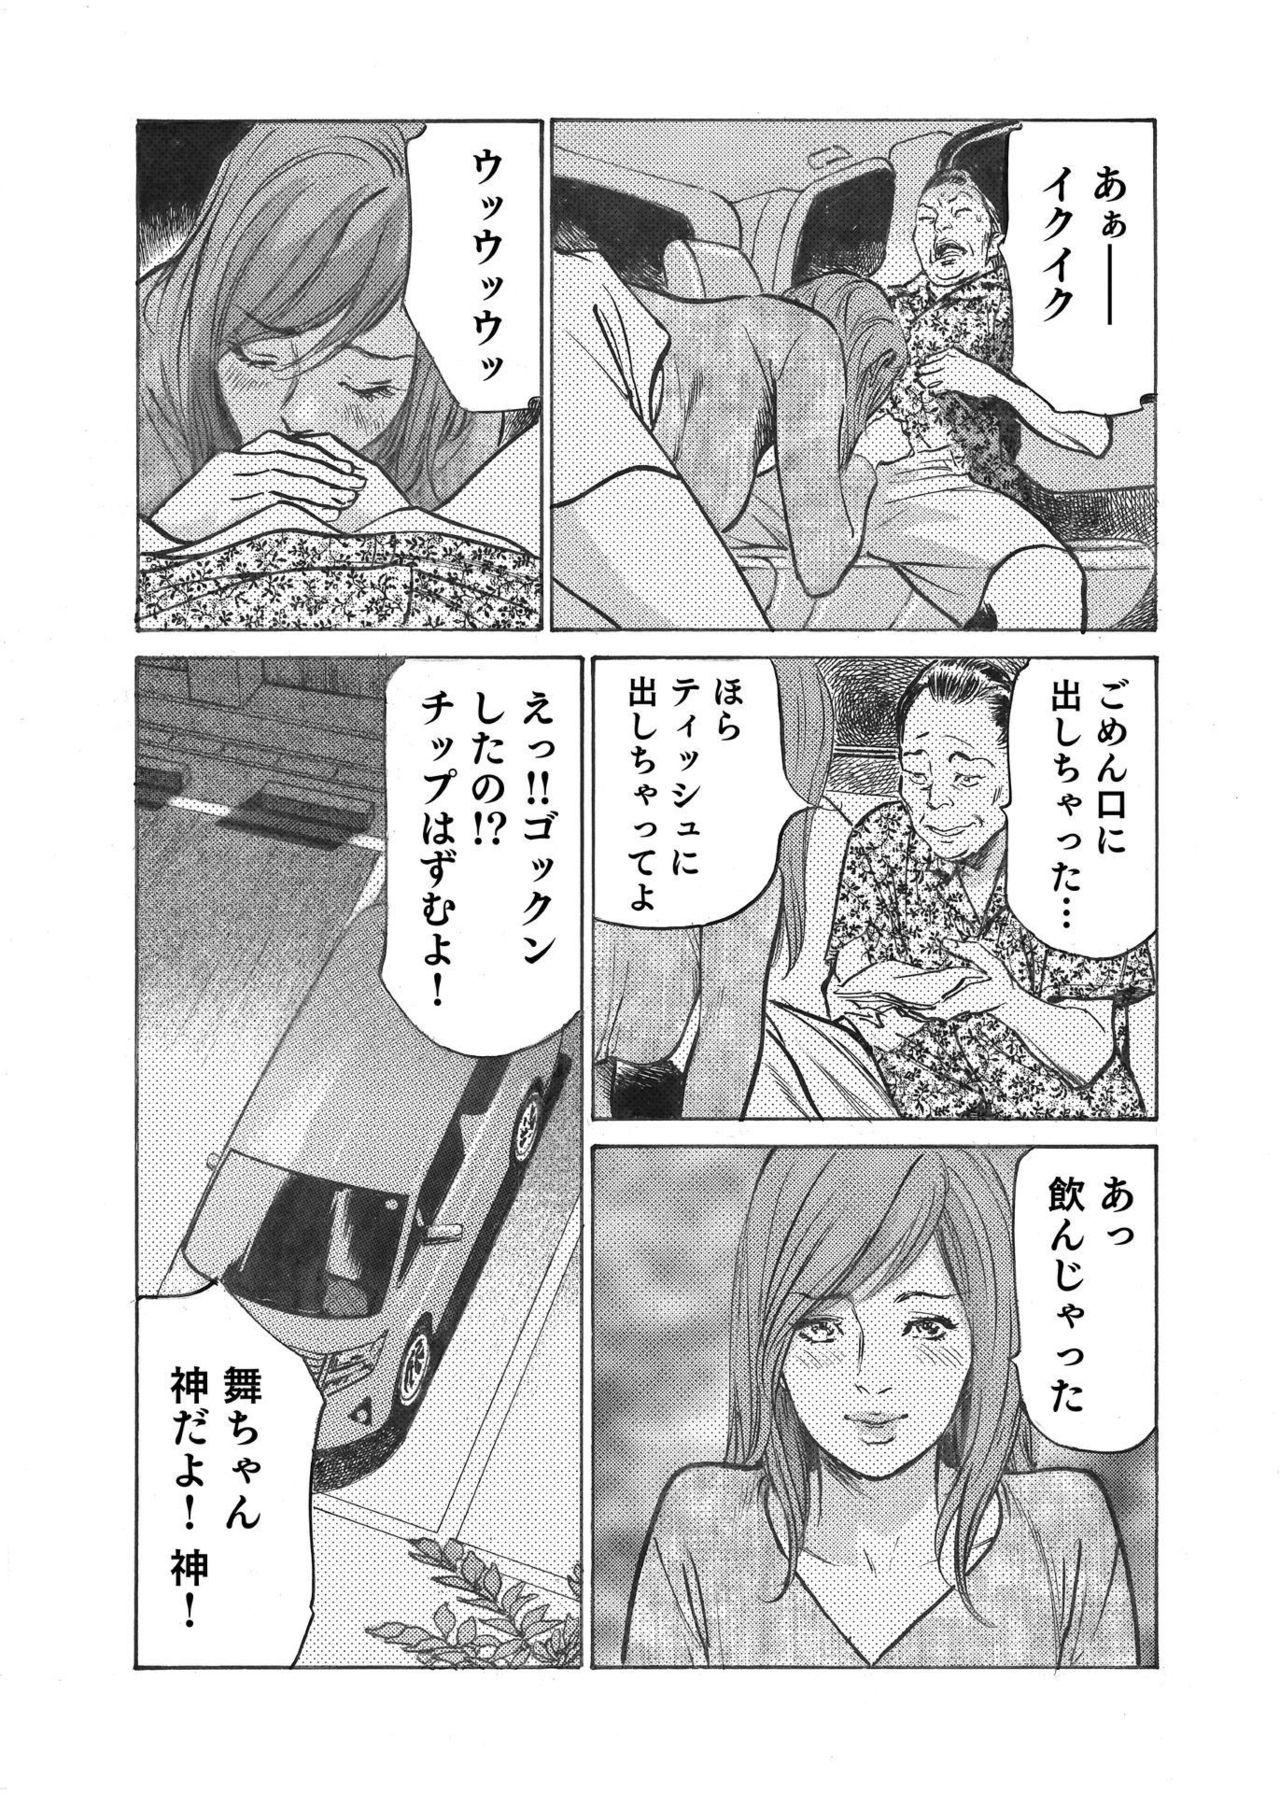 Ore wa Tsuma no Koto o Yoku Shiranai 1-9 87